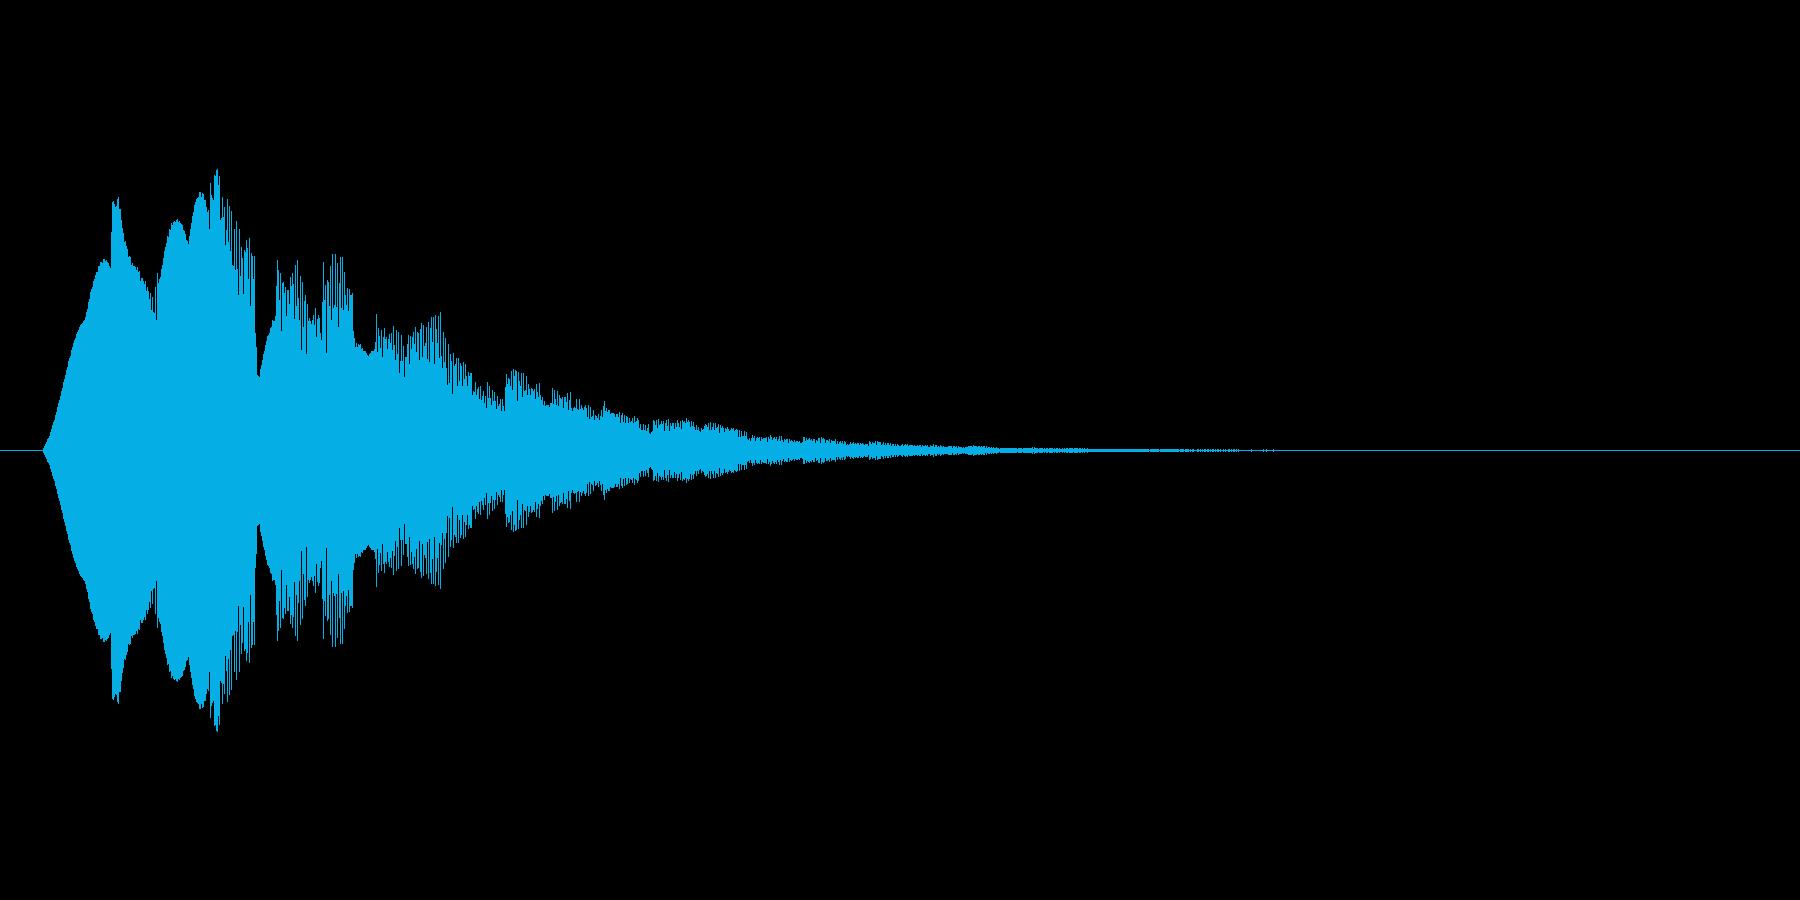 キラーン(アイテム取得、お知らせ)の再生済みの波形